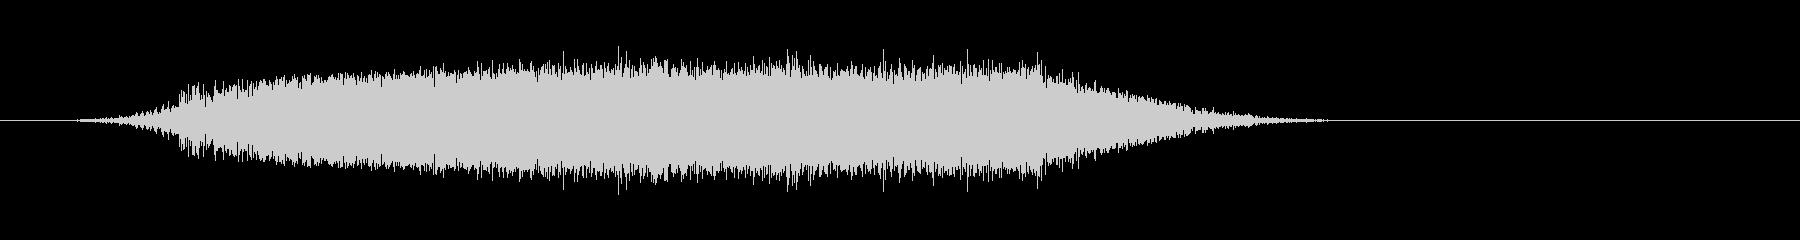 クイックリッピングフーシュの未再生の波形